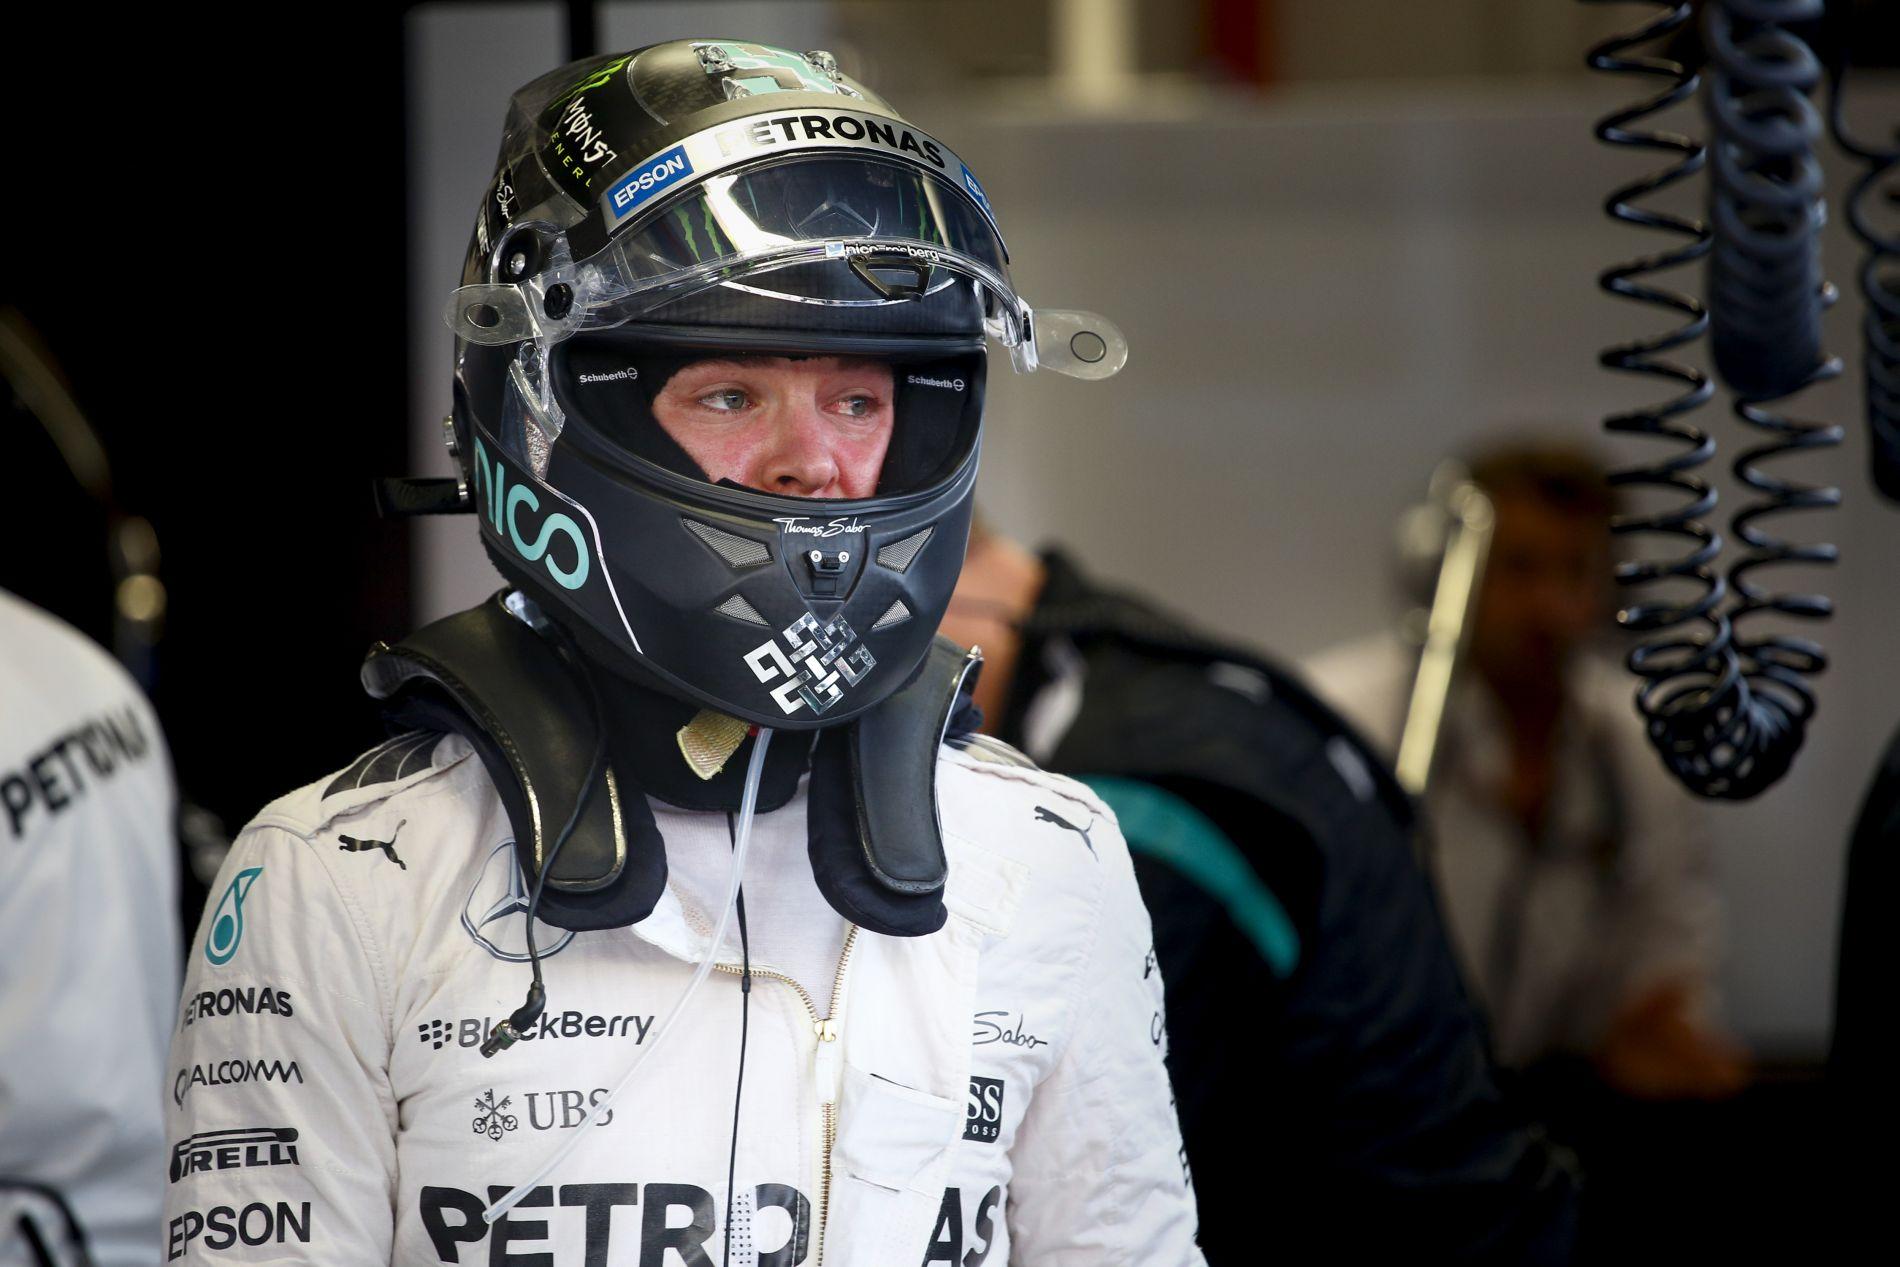 Rosberg rendkívül nagy csalódásról beszél, még törmeléket is kapott a szemébe